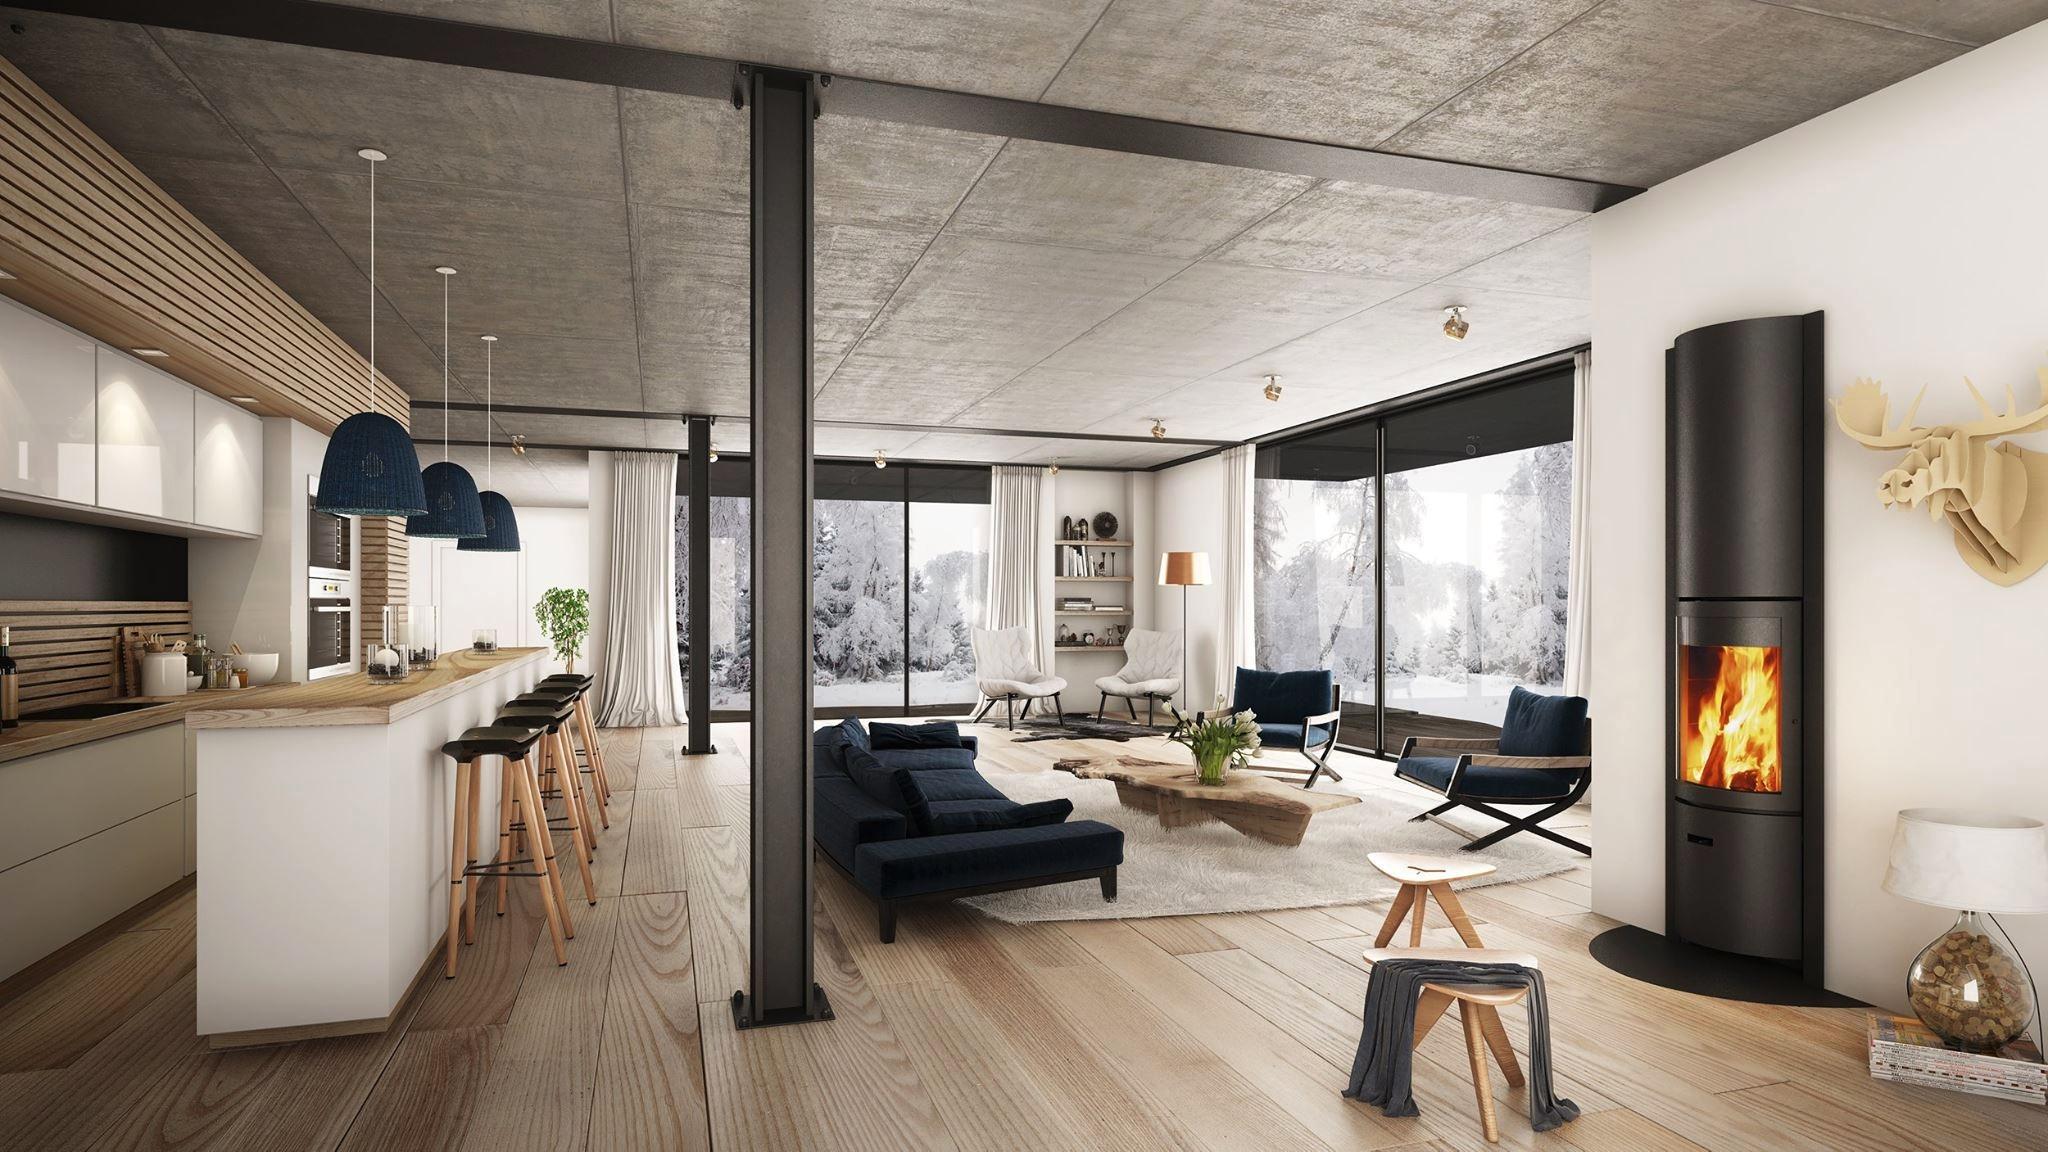 Houtkachel Stuv 30-in met Scandinavisch Interieur via home-designing.com